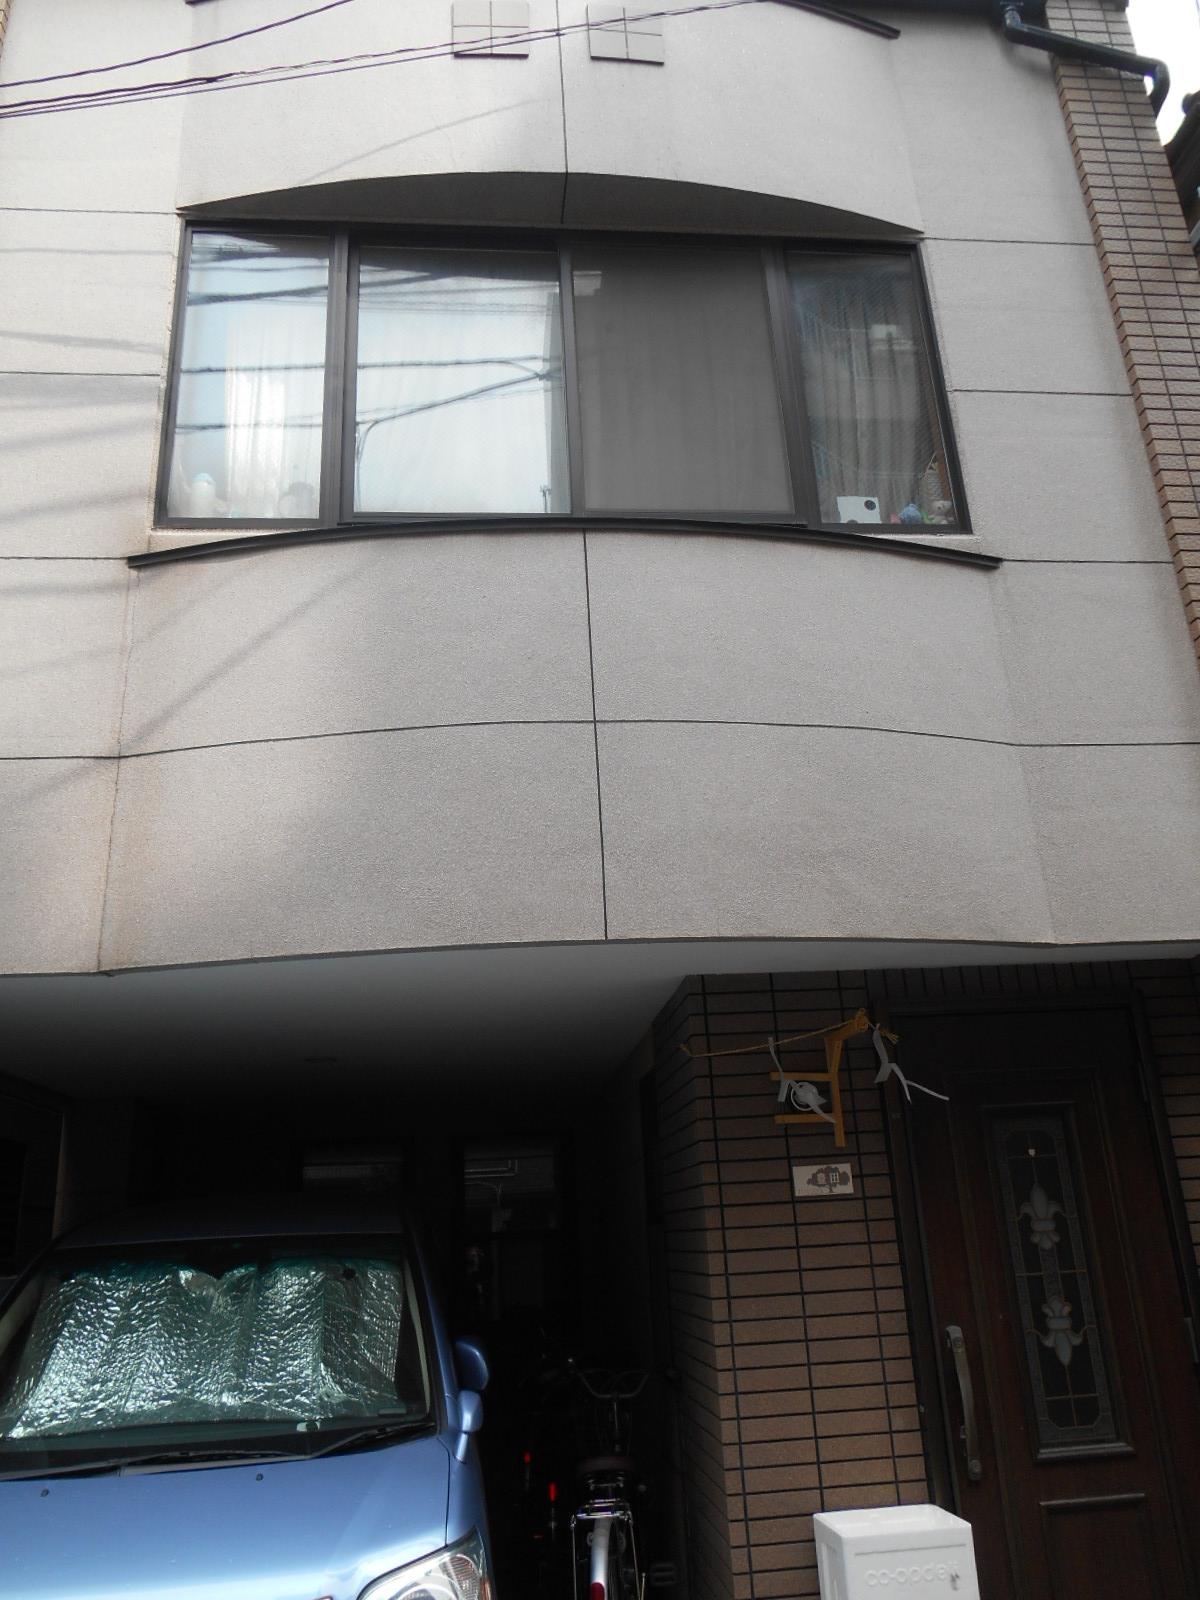 DSCN0403.jpg